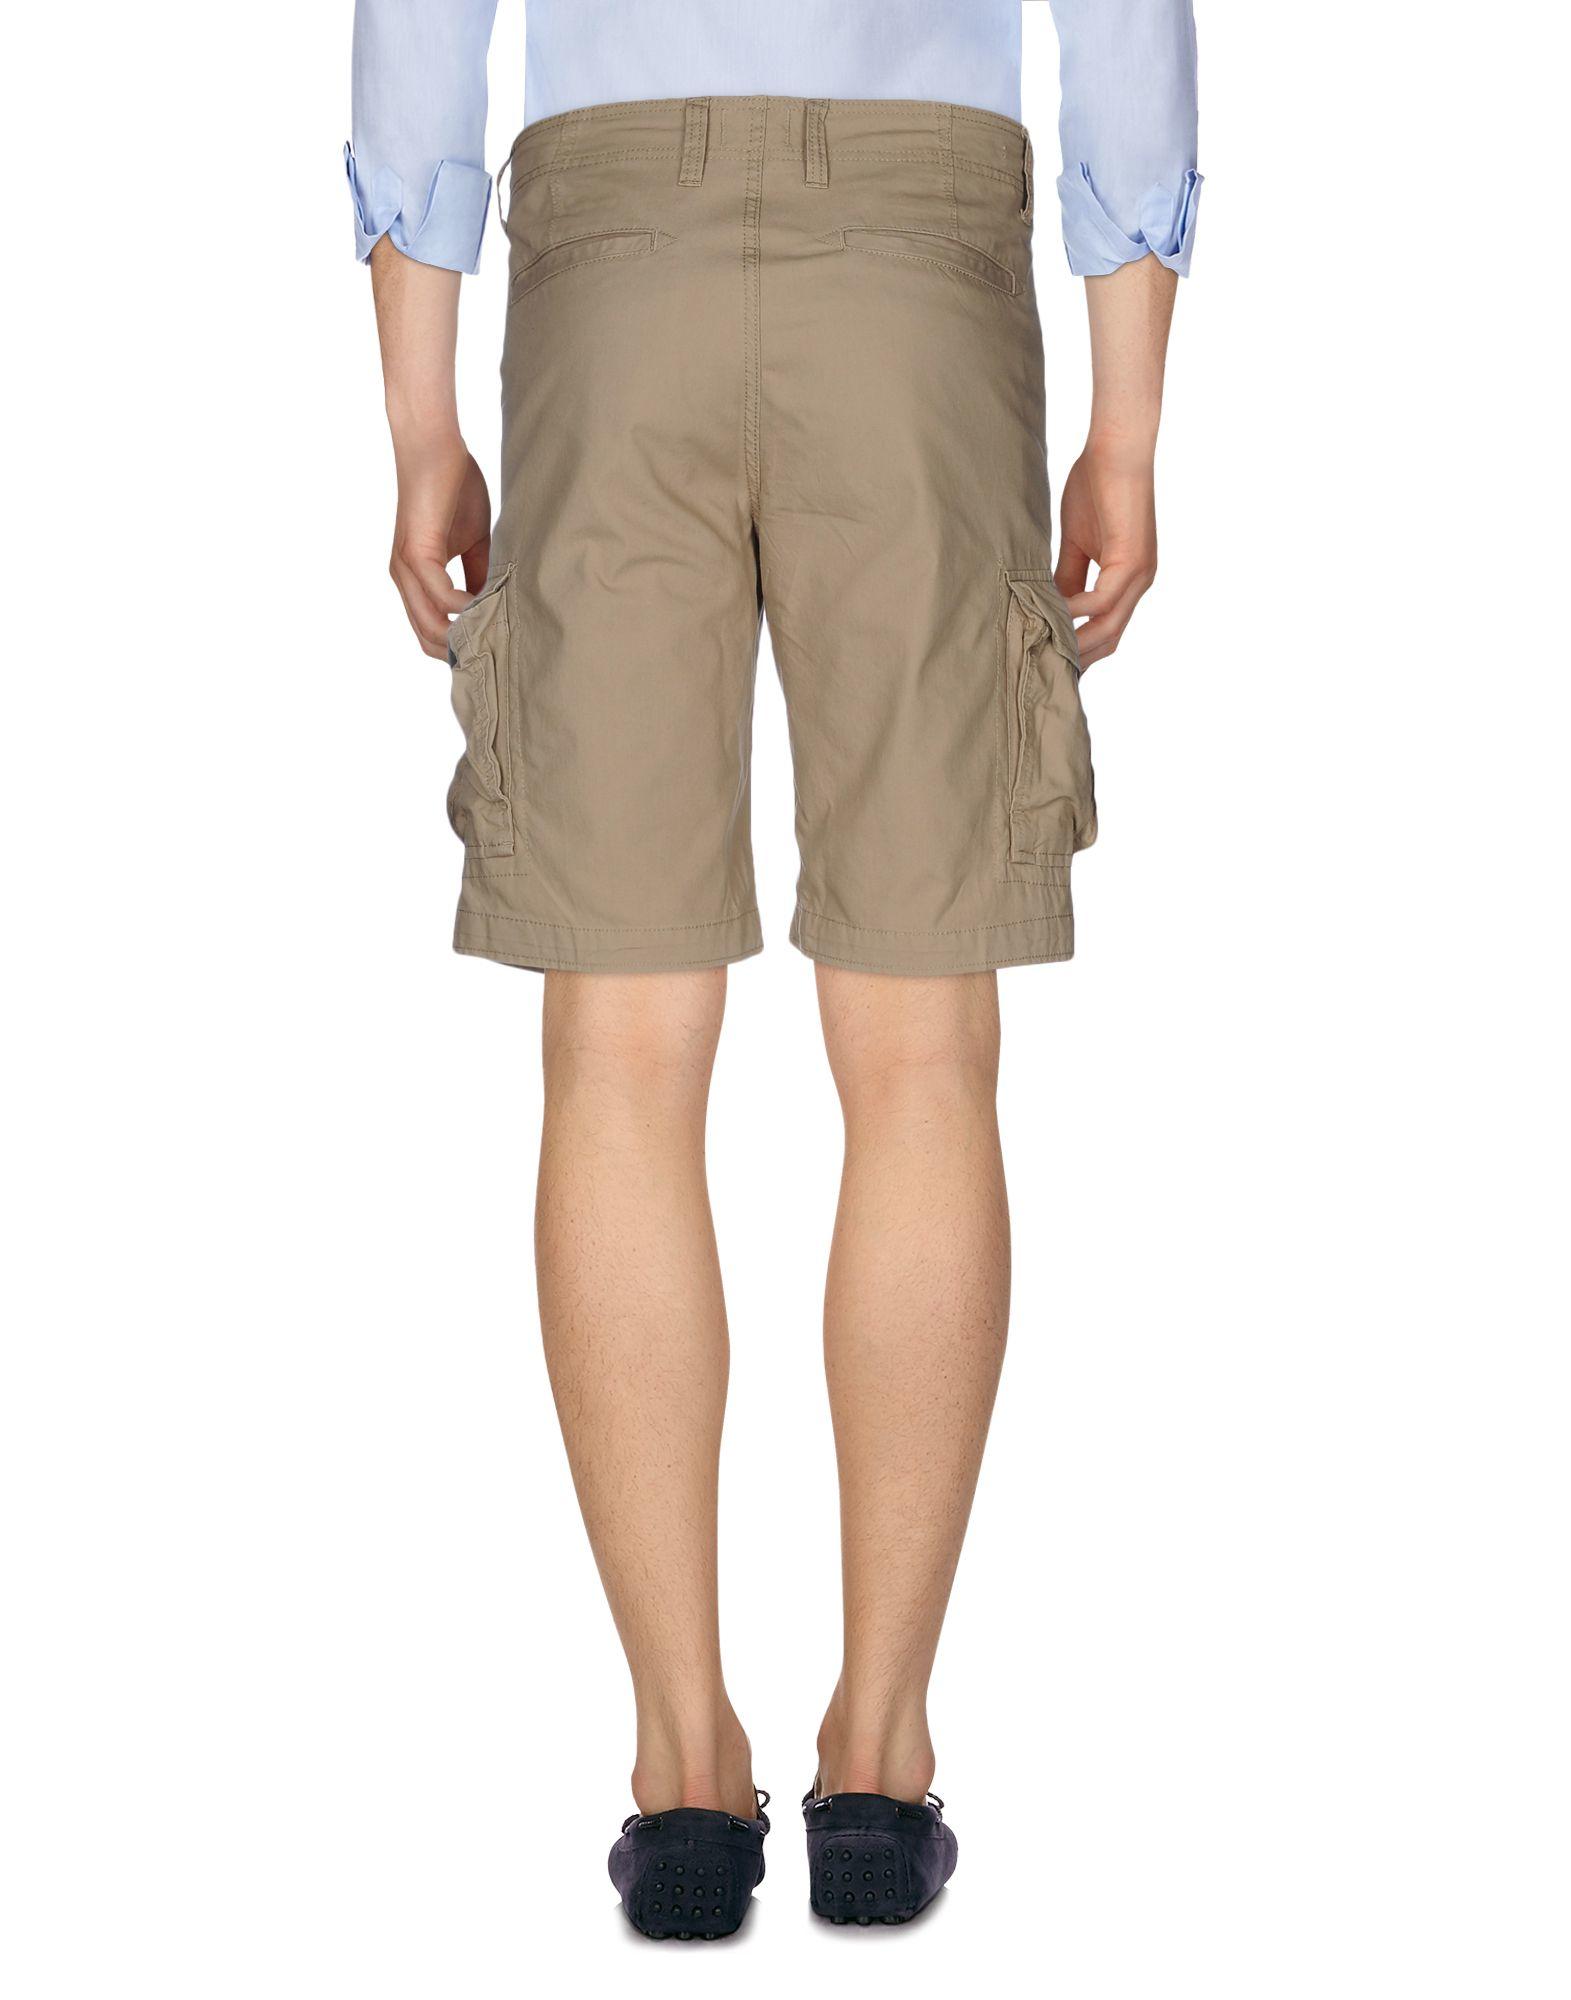 jack jones bermuda shorts in brown for men lyst. Black Bedroom Furniture Sets. Home Design Ideas